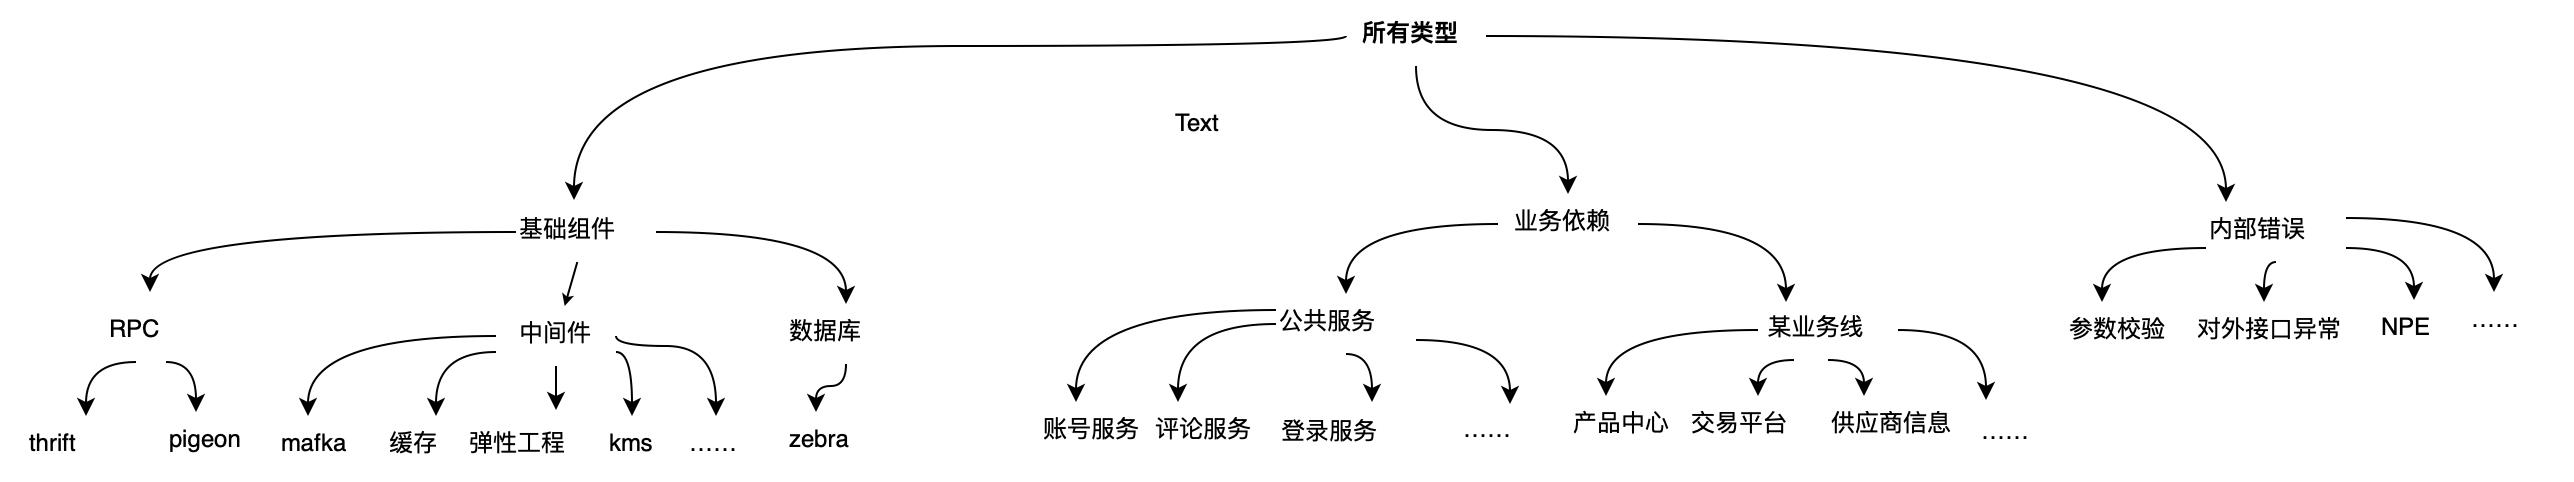 图7 错误来源泛化层次结构